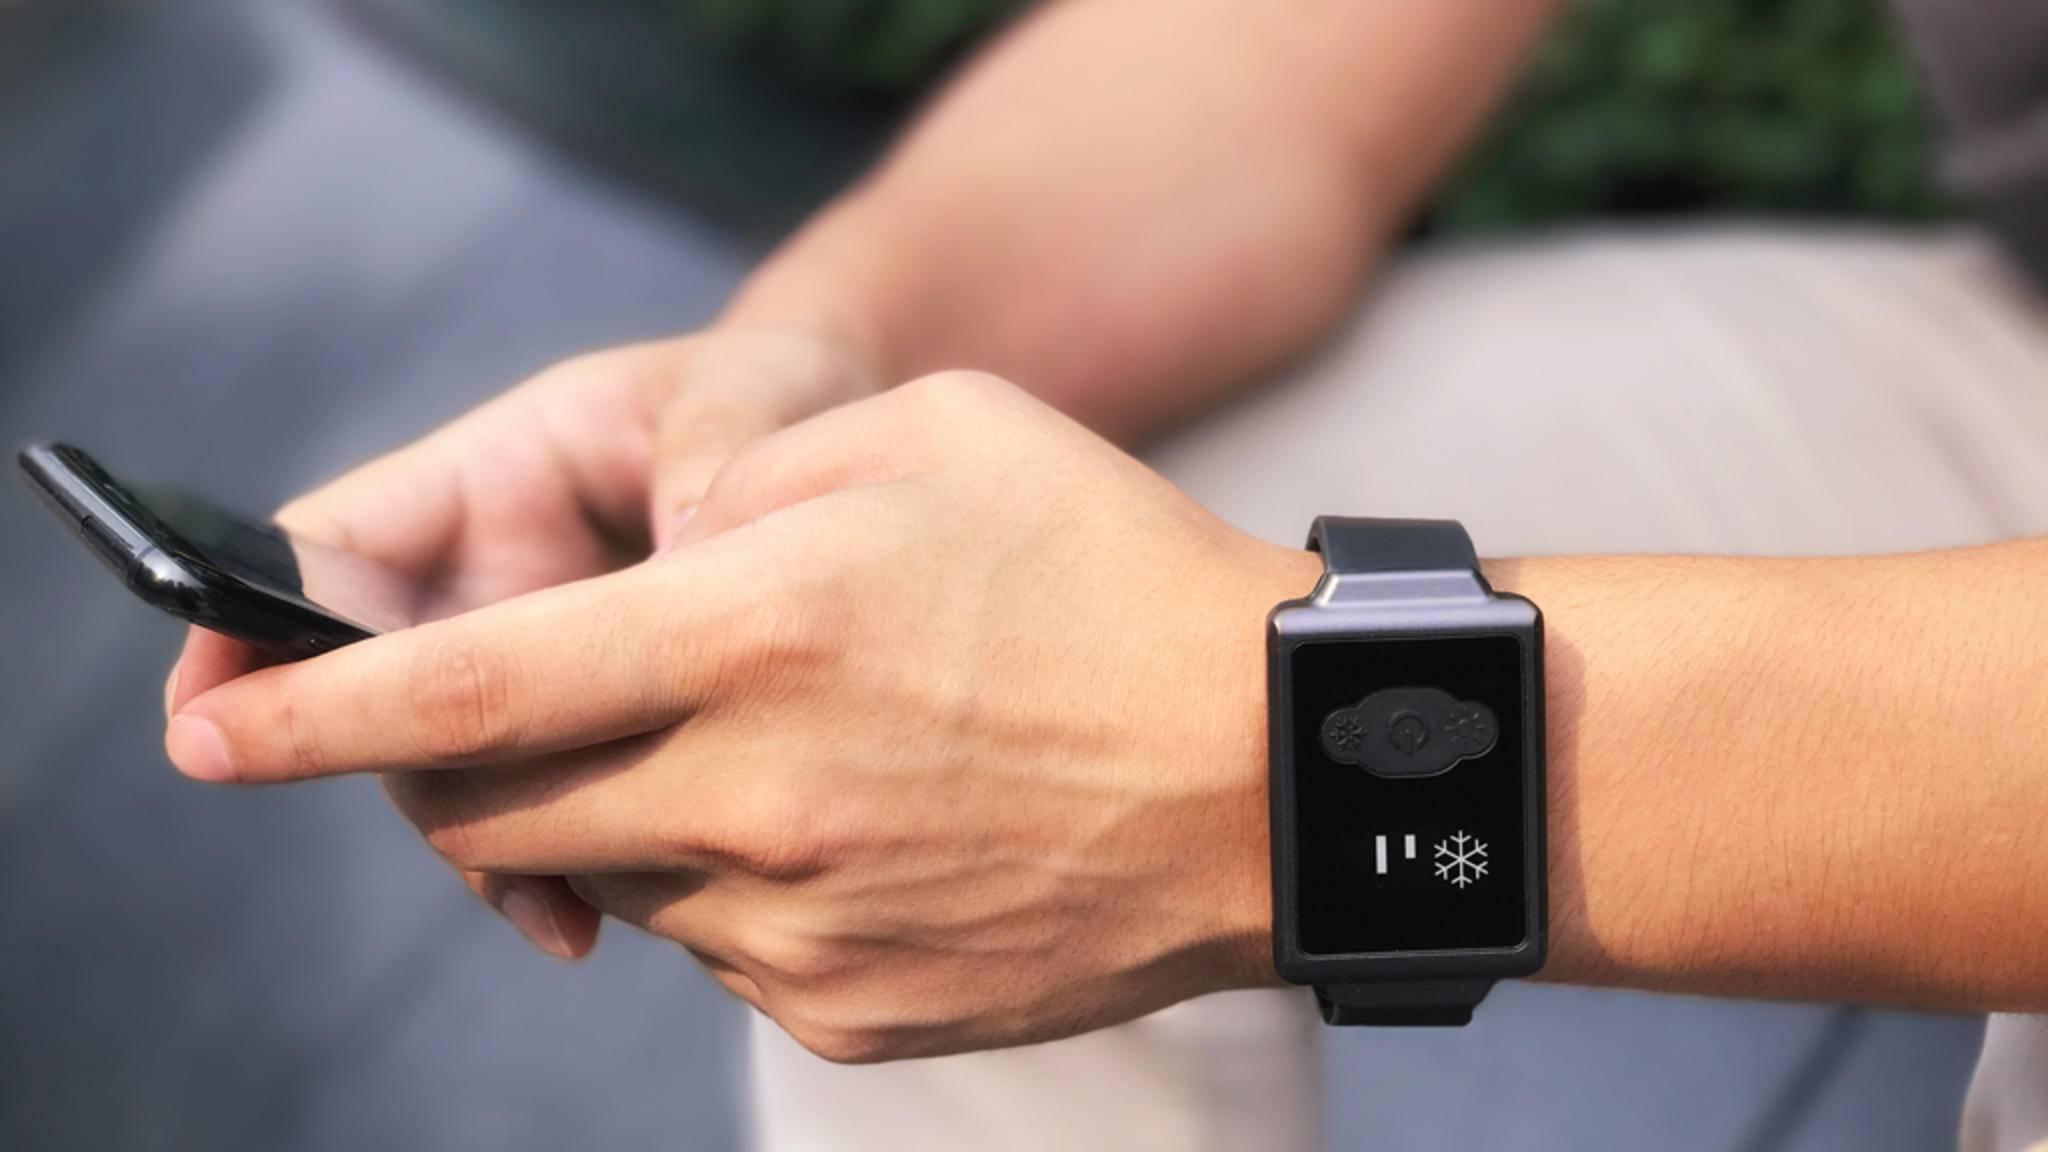 Schlicht aber effektiv: Die Aircon Watch soll die Körpertemperatur in wenigen Minuten regulieren können.